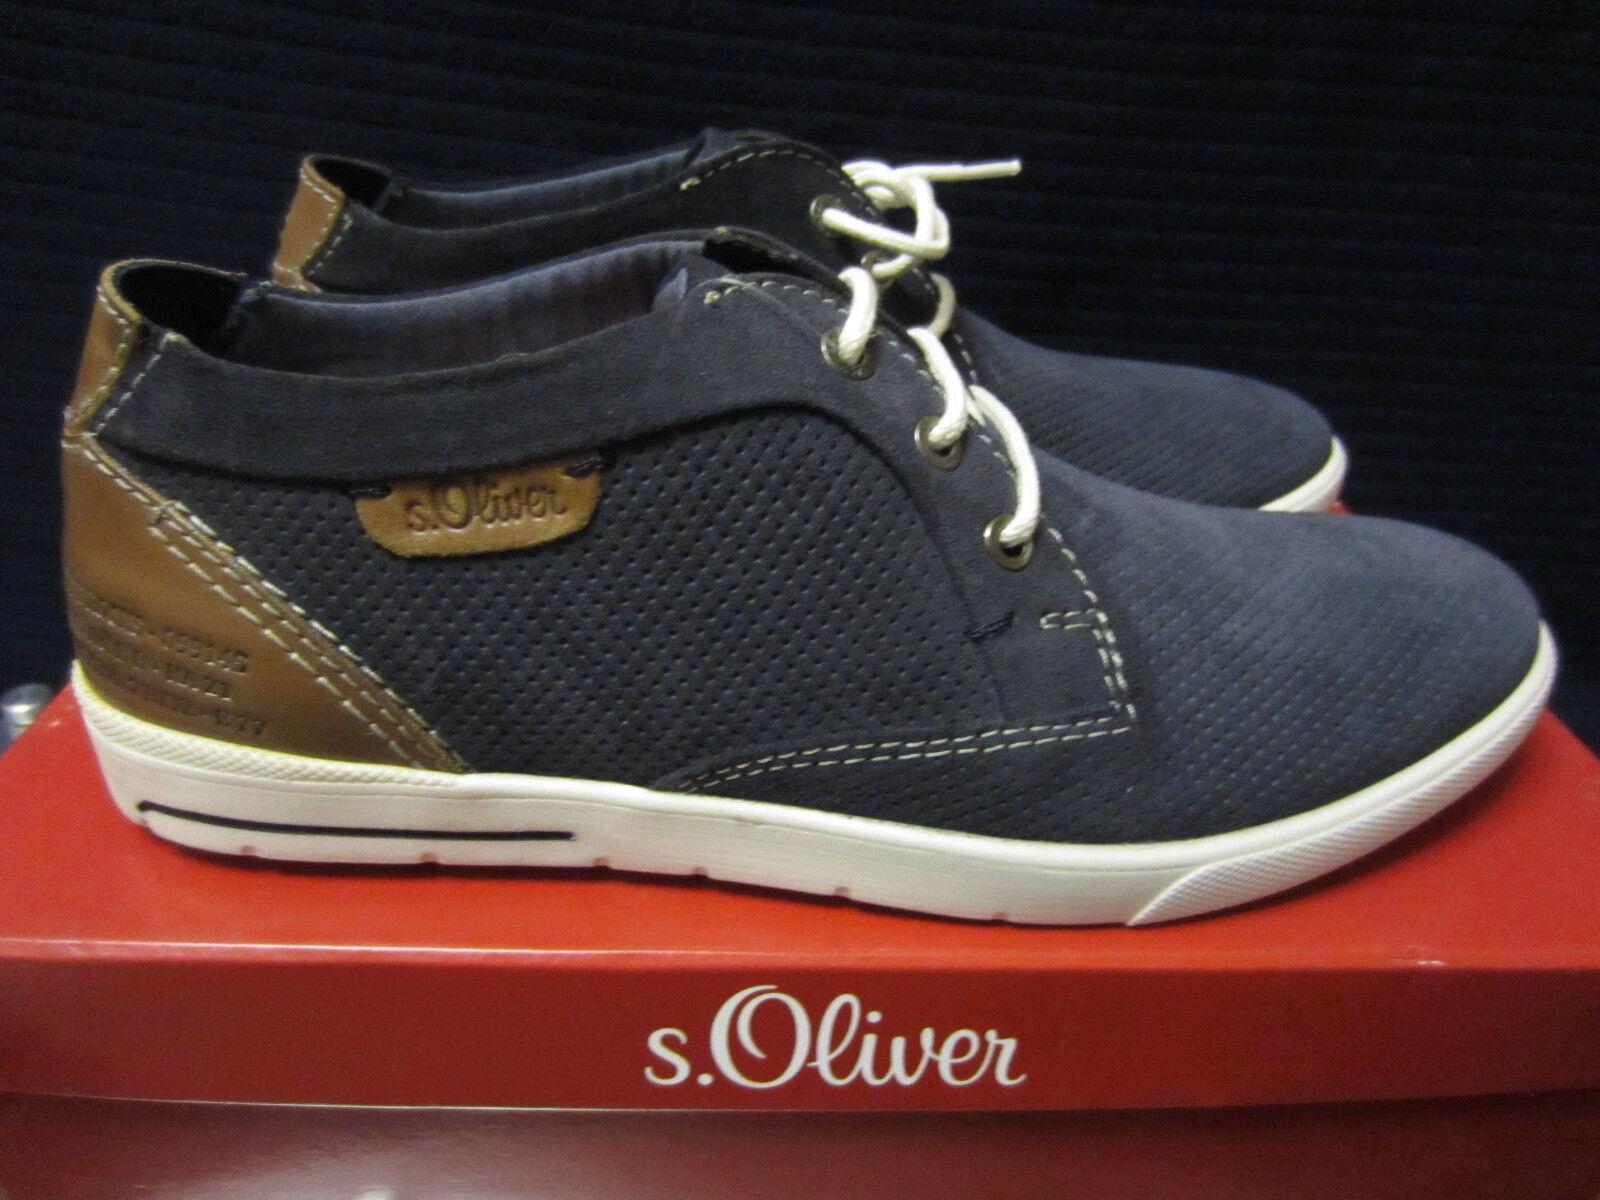 S.Oliver Blau-braun Jeans Herren Freizeit Schuhe Blau-braun S.Oliver Gr.44. Neu und OVP ac0dbc